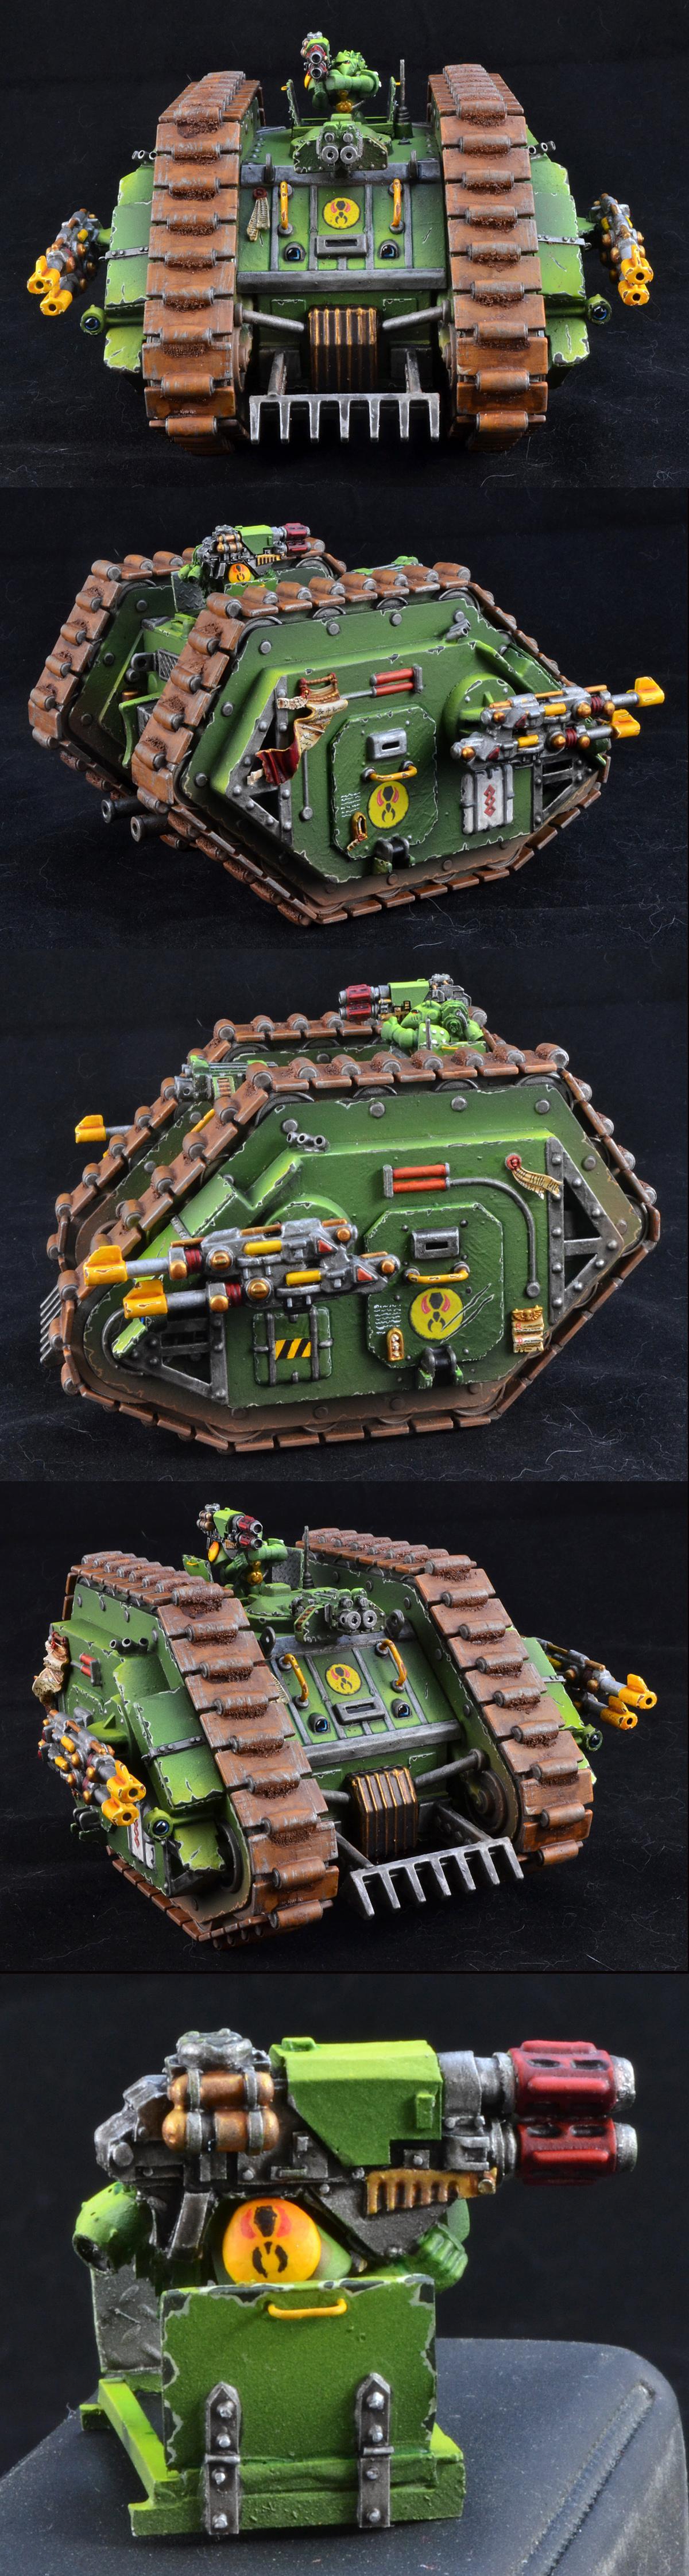 Land Raider, Mantis Warriors, Mk-1, Space Marines, Warhammer 40,000